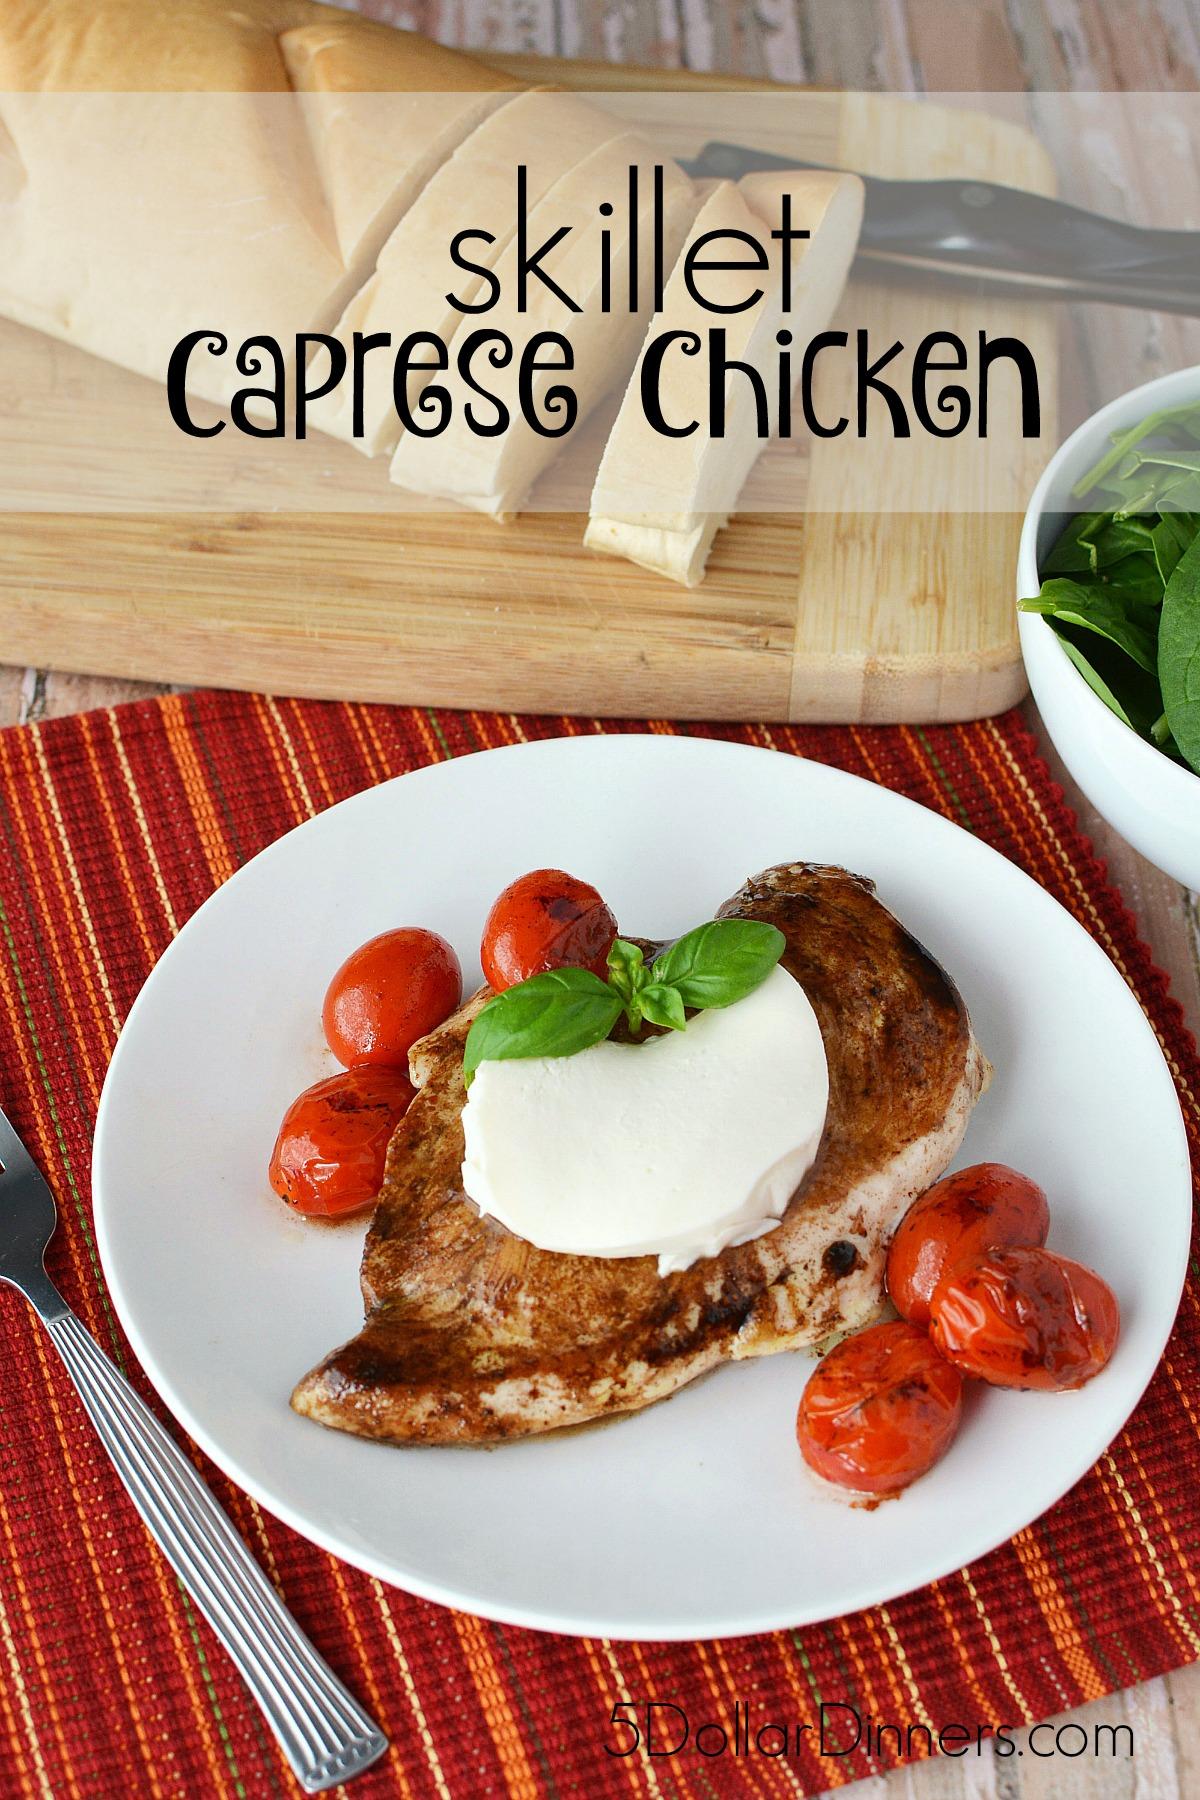 Skillet Caprese Chicken from 5DollarDinners.com